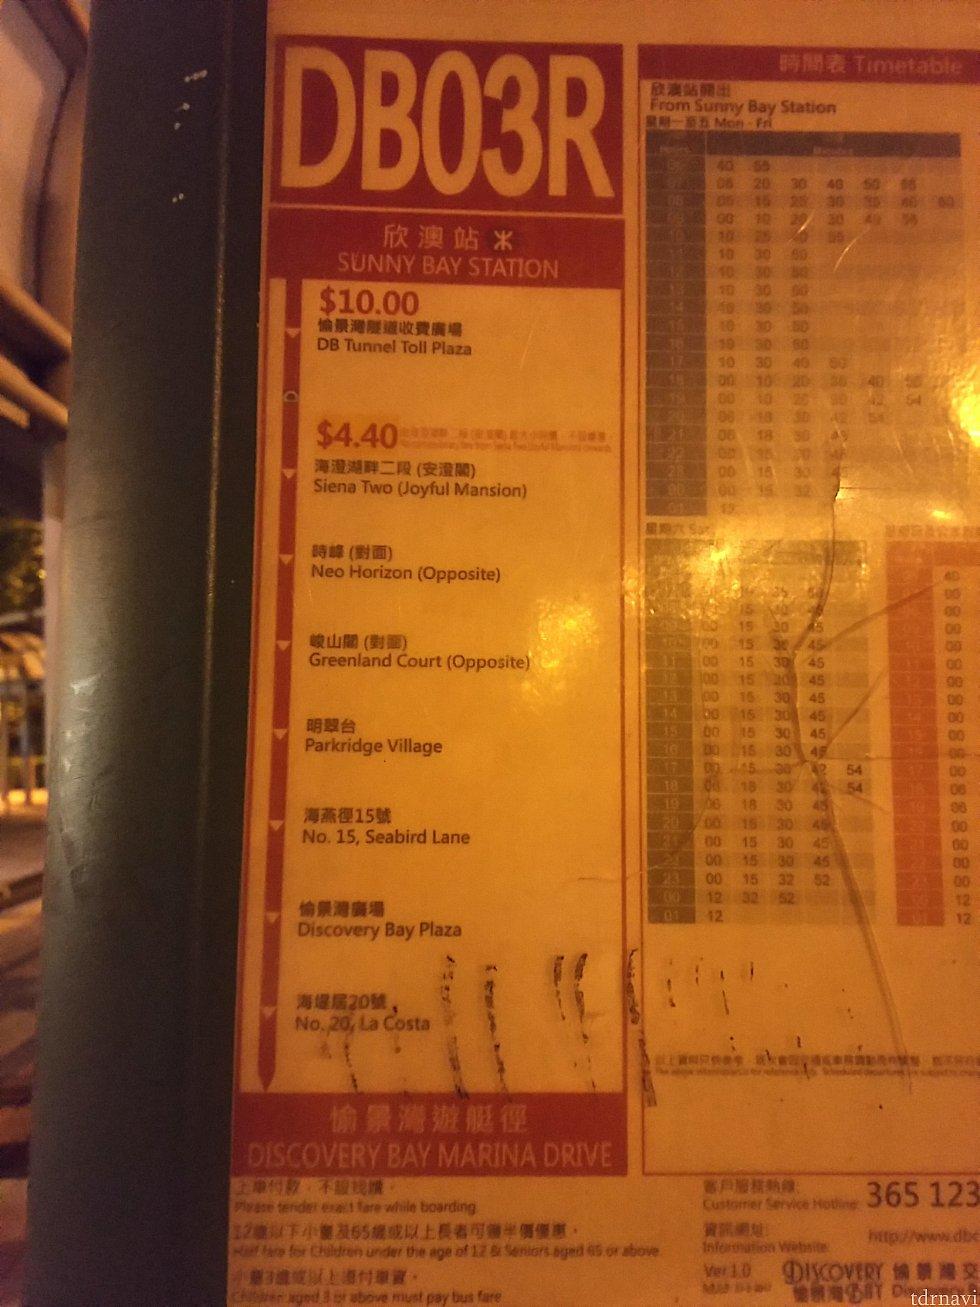 サニーベイ駅発の『DB03R』の時刻表。少々見辛いですが、遅くまで動いているのがわかります。